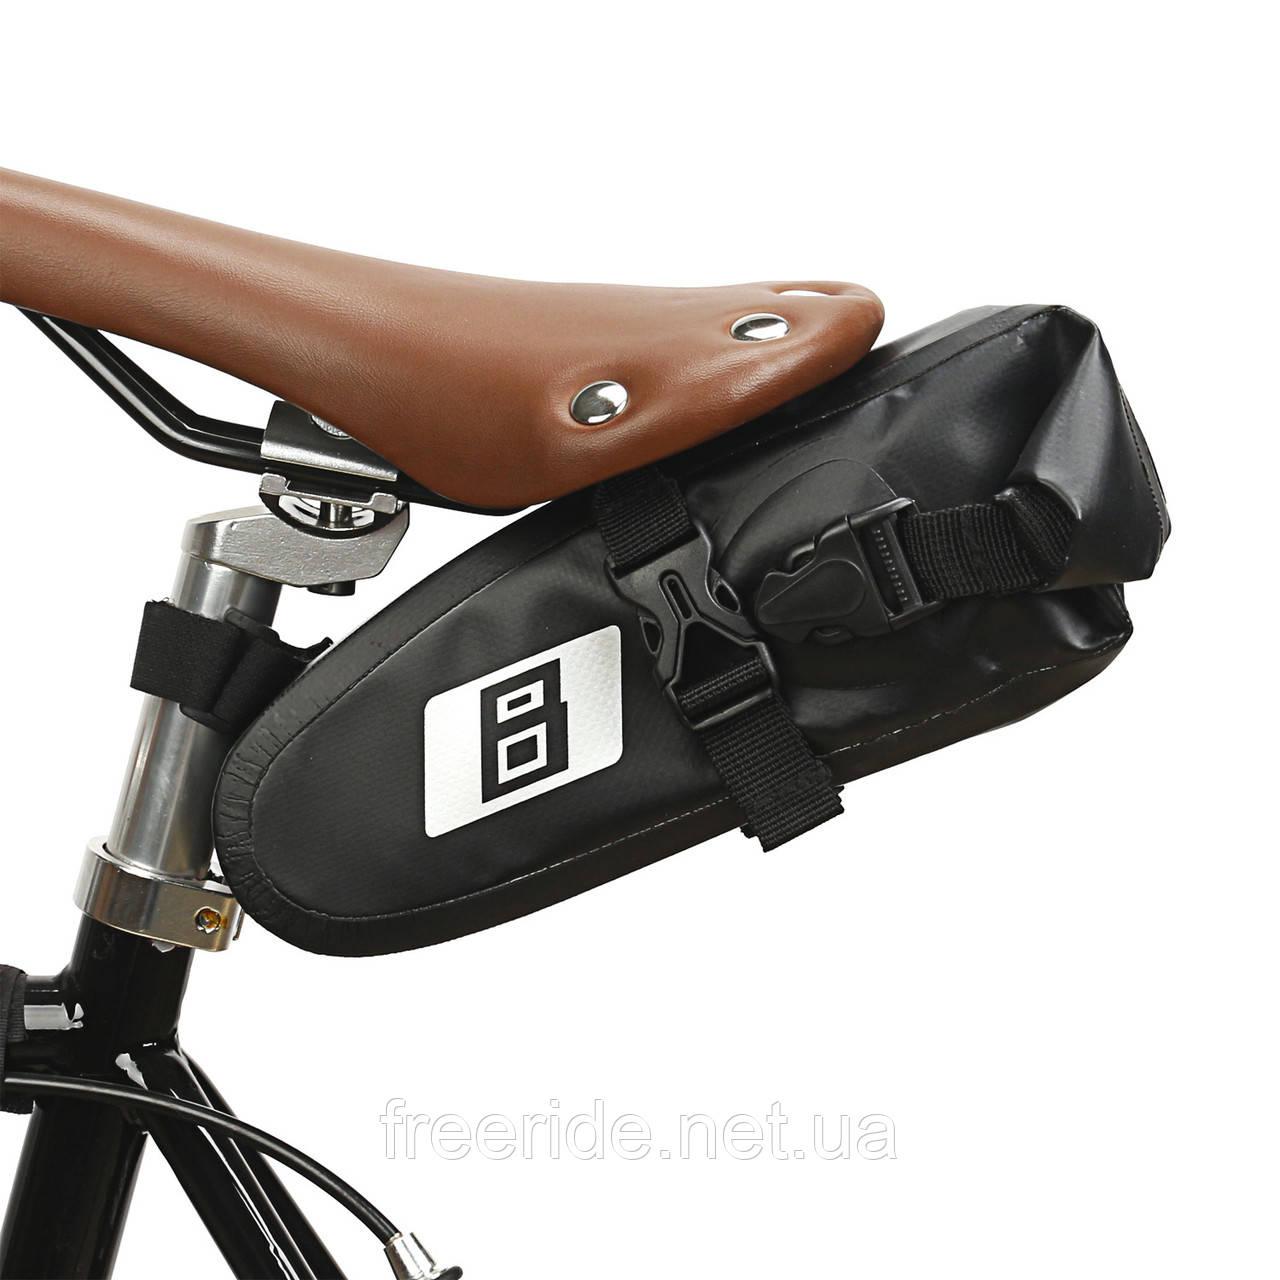 Велосумка подседельная непромокаемая, сумка под седло (B-soul)